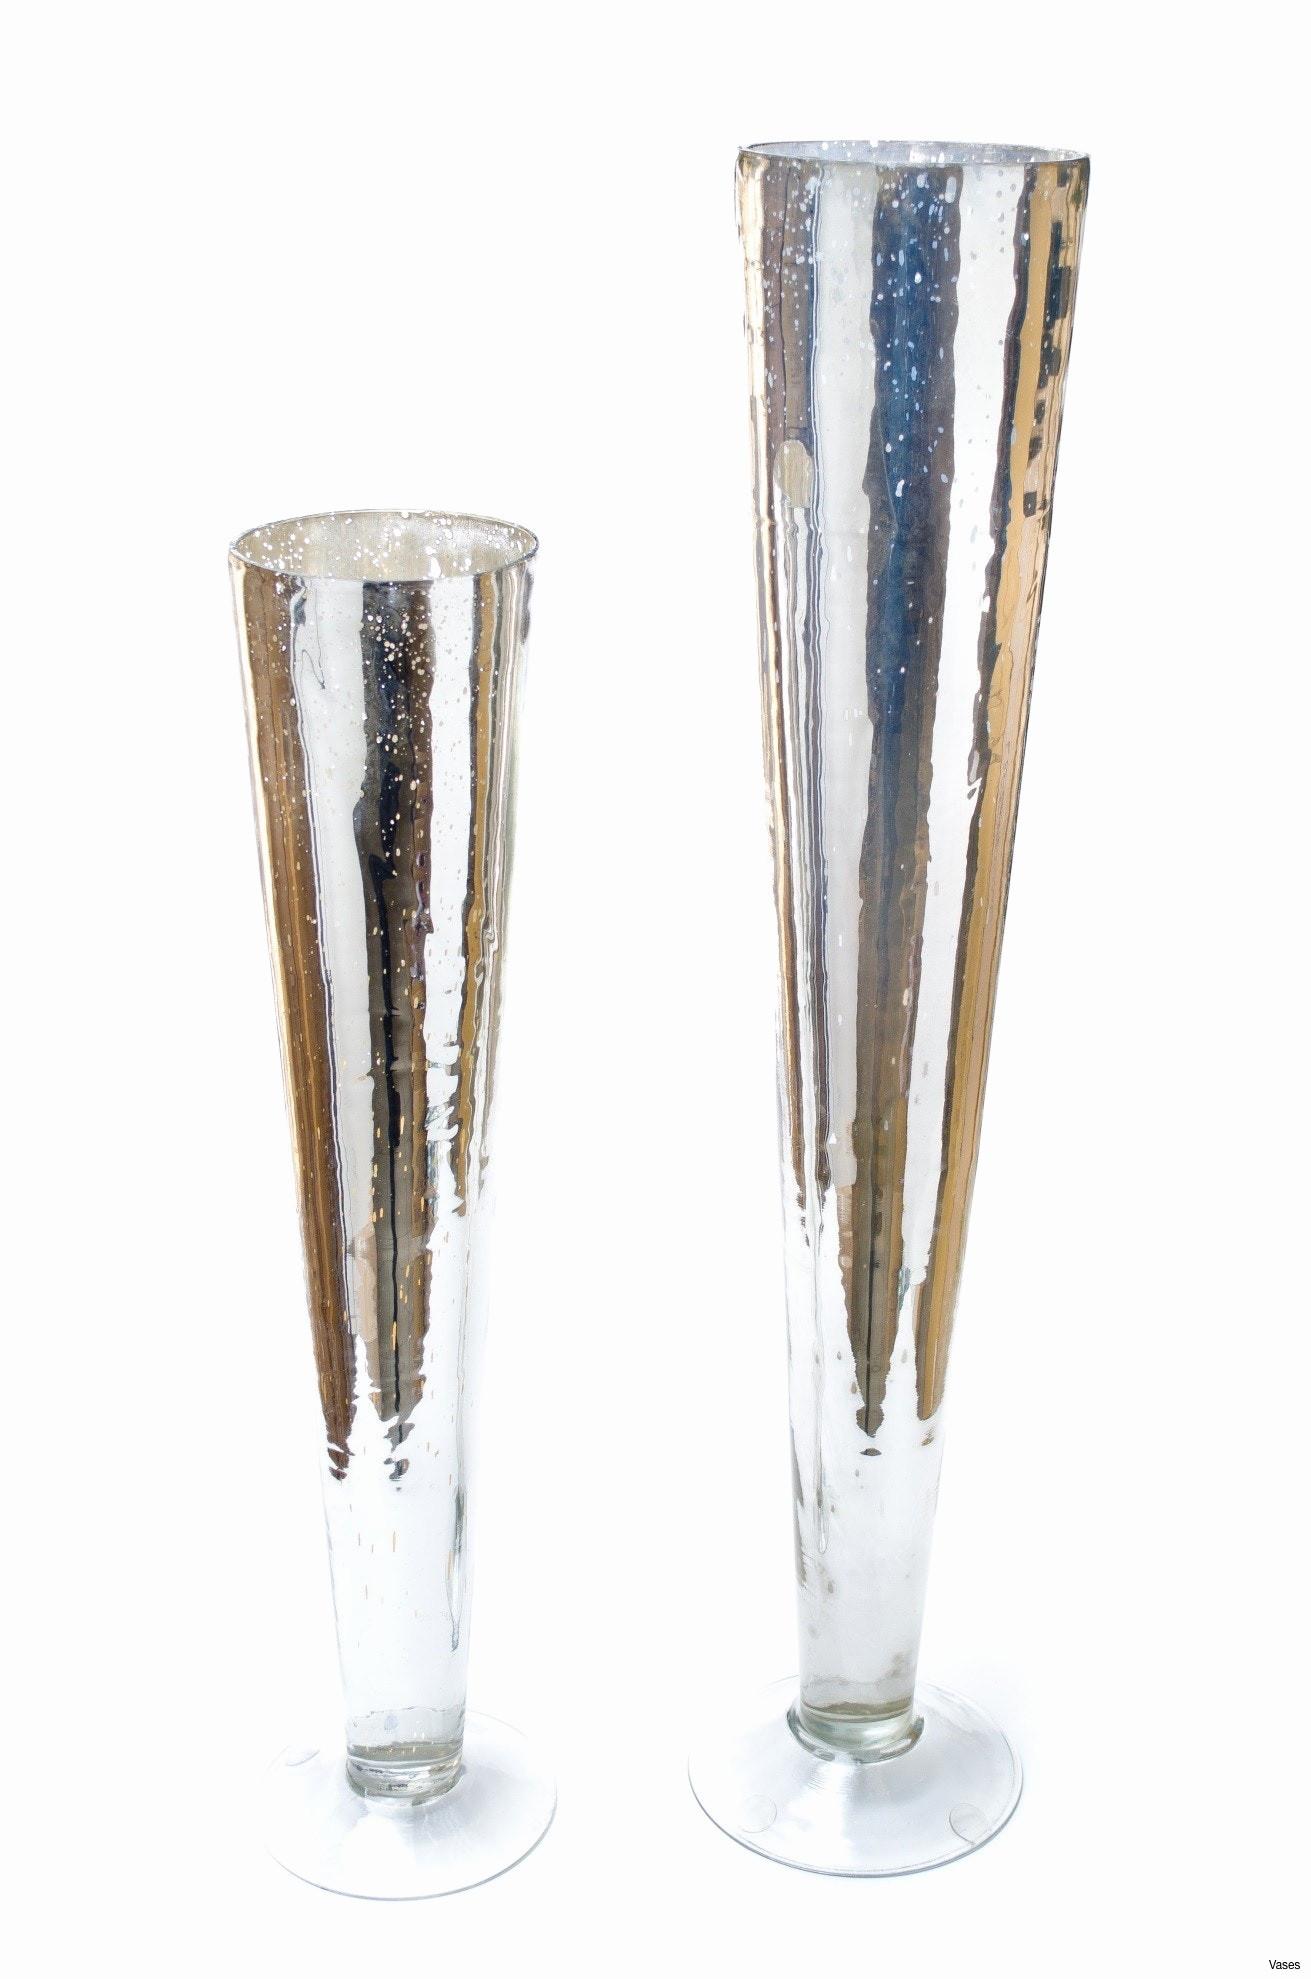 crystal flower vases wholesale of mercury glass pendant light elegant mercury table lamp lovely gold in mercury glass pendant light elegant mercury table lamp lovely gold mercury glass vases wholesale vaseh